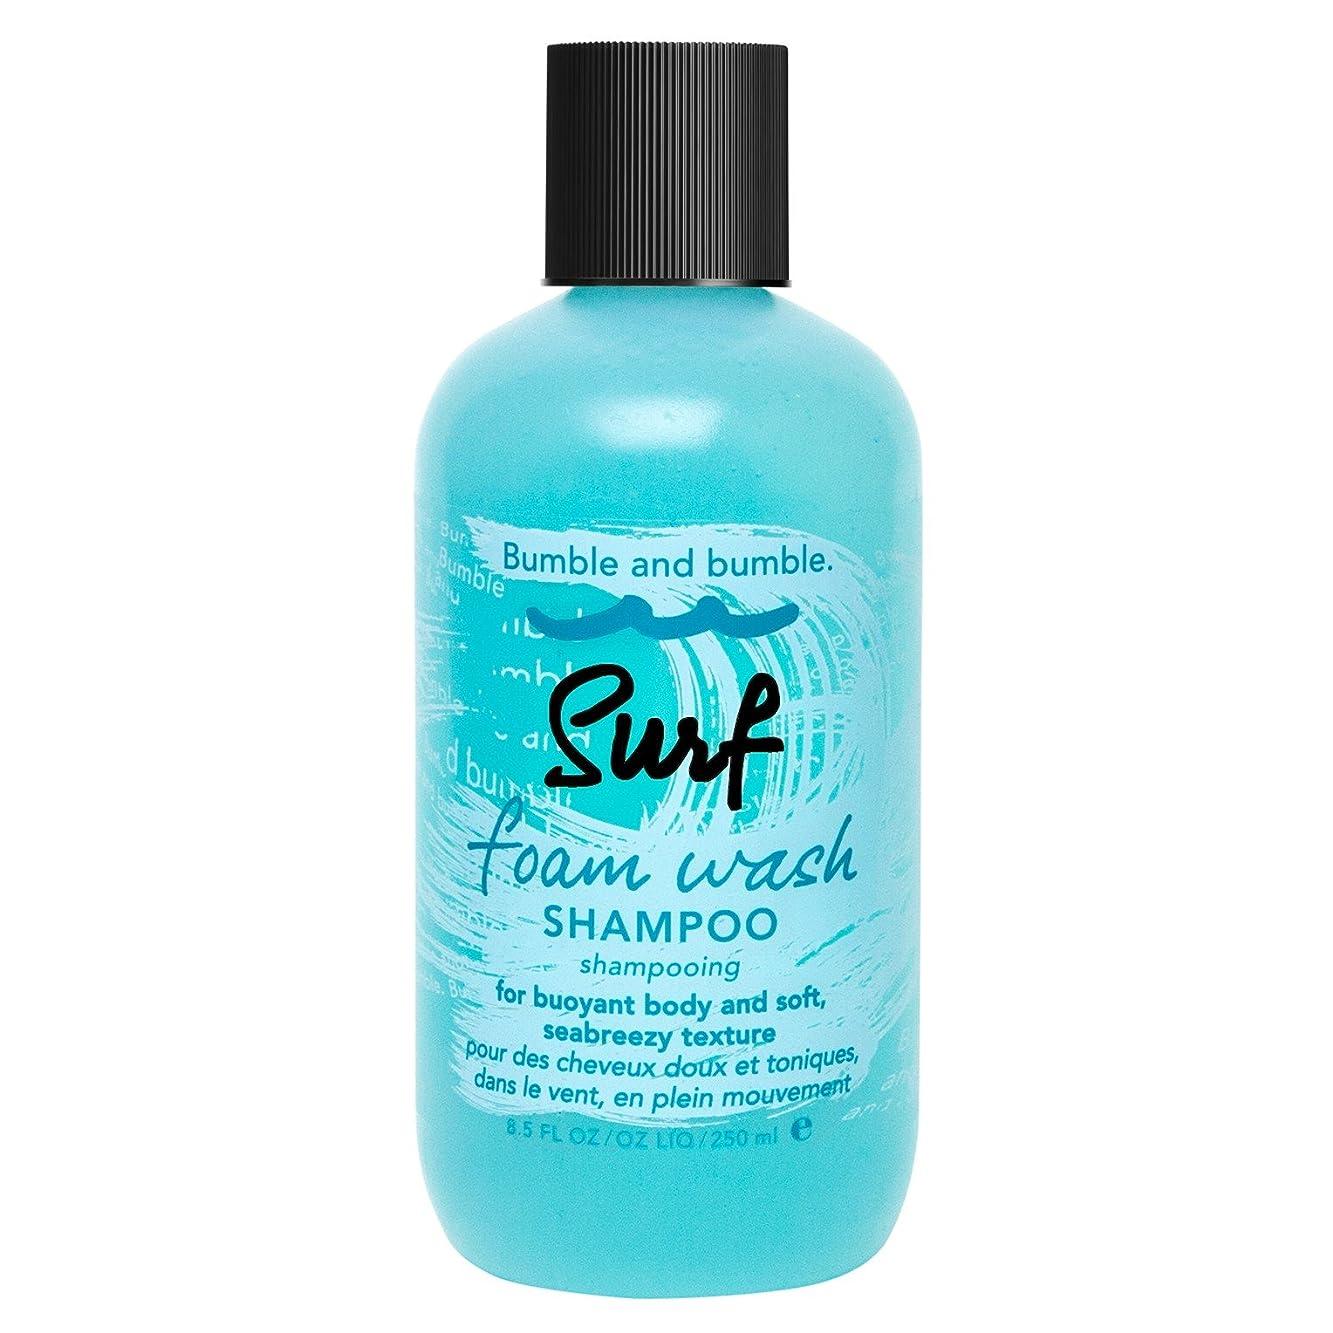 パック農奴出席バンブルアンドバンブルサーフ泡洗浄シャンプー250ミリリットル (Bumble and bumble) (x2) - Bumble and bumble Surf Foam Wash Shampoo 250ml (Pack of 2) [並行輸入品]